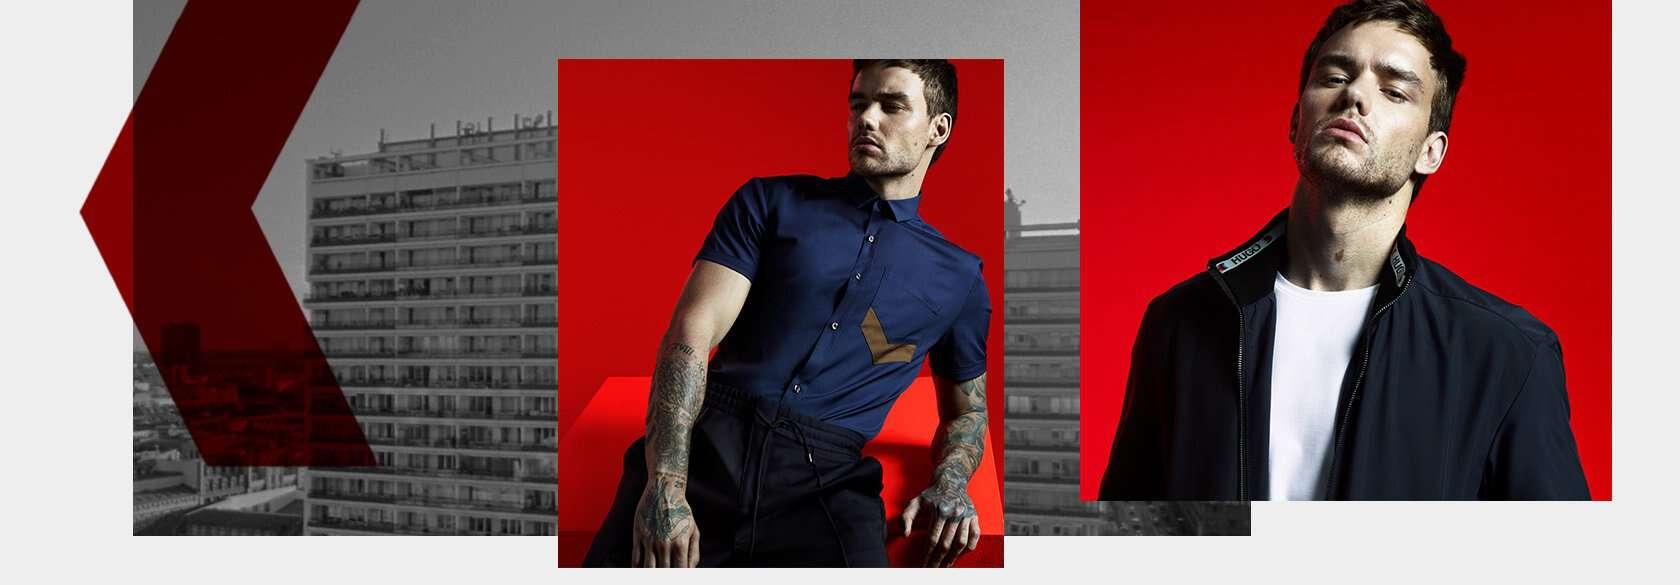 Hugo X Liam Payne: Khi Cựu Thành Viên Nhóm One Direction Thử Sức Với Thời Trang 23